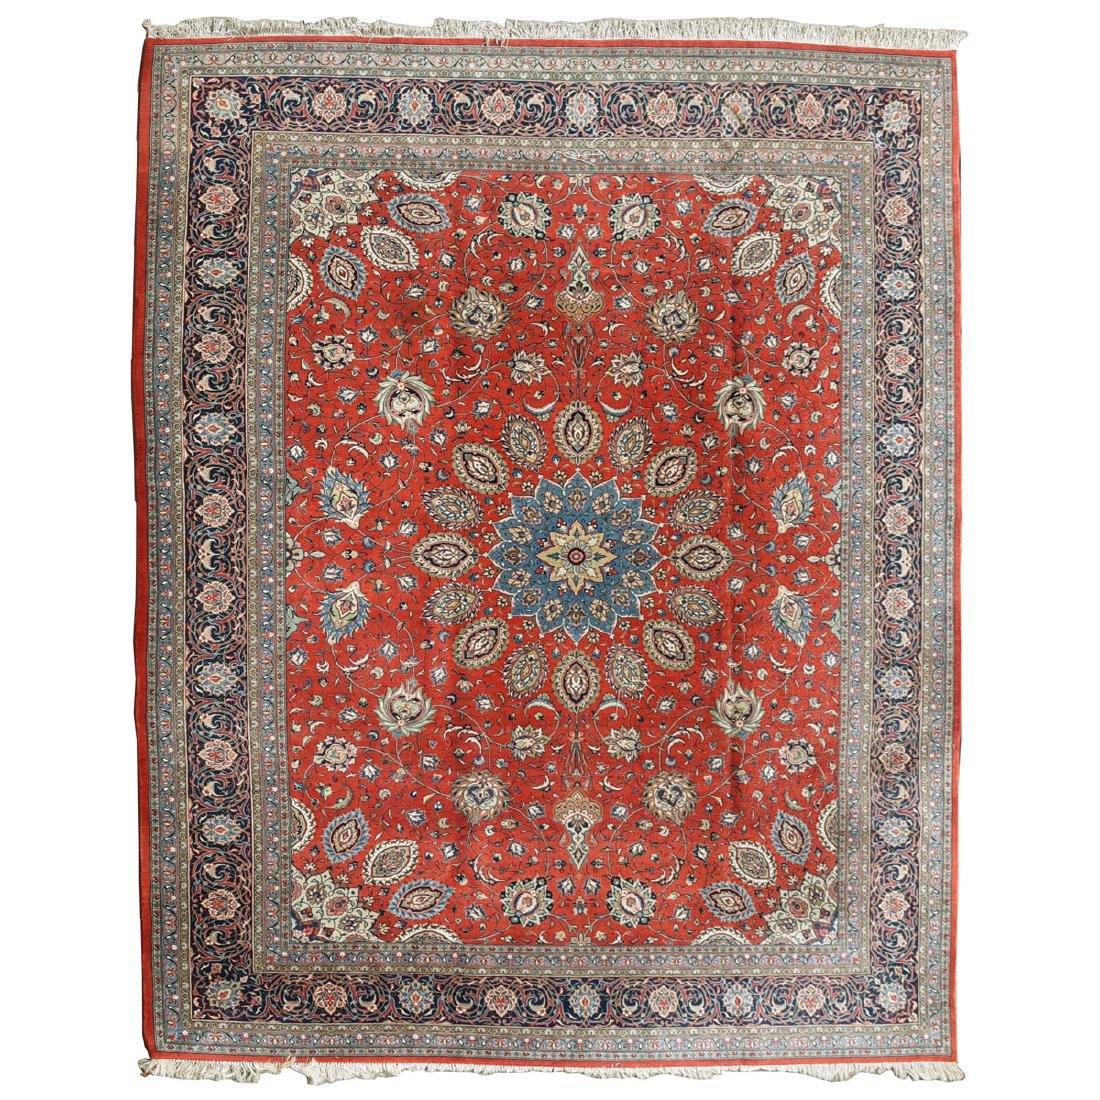 Indo-Kashan Scarlet and Blue Ground Carpet